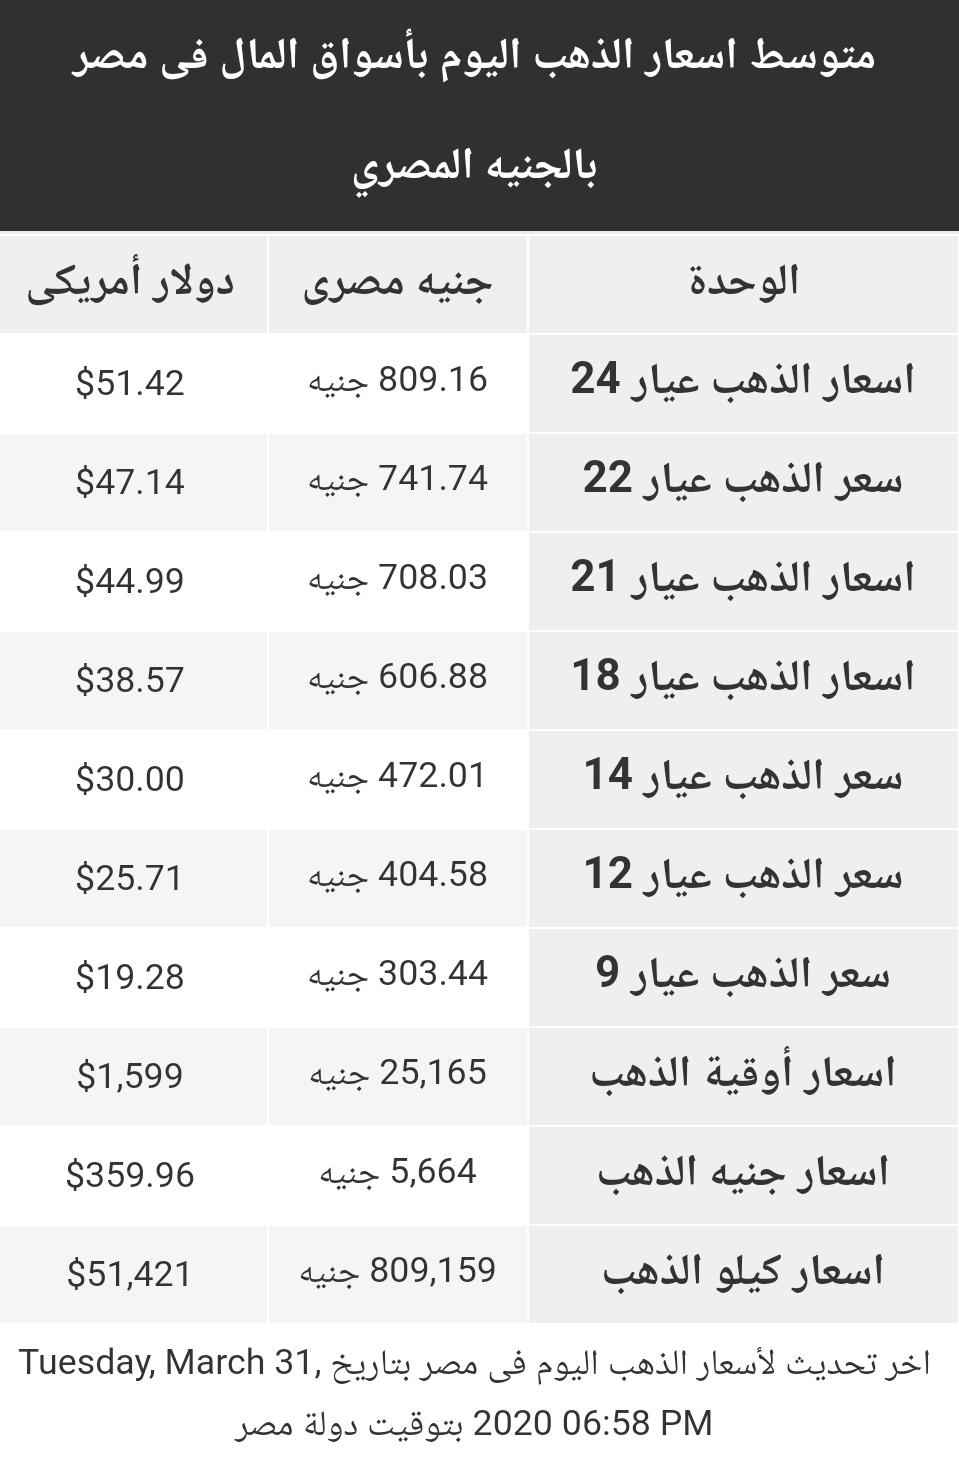 اسعار الذهب اليوم  الثلاثاء 31 مارس 2020 في مصر Gold Price